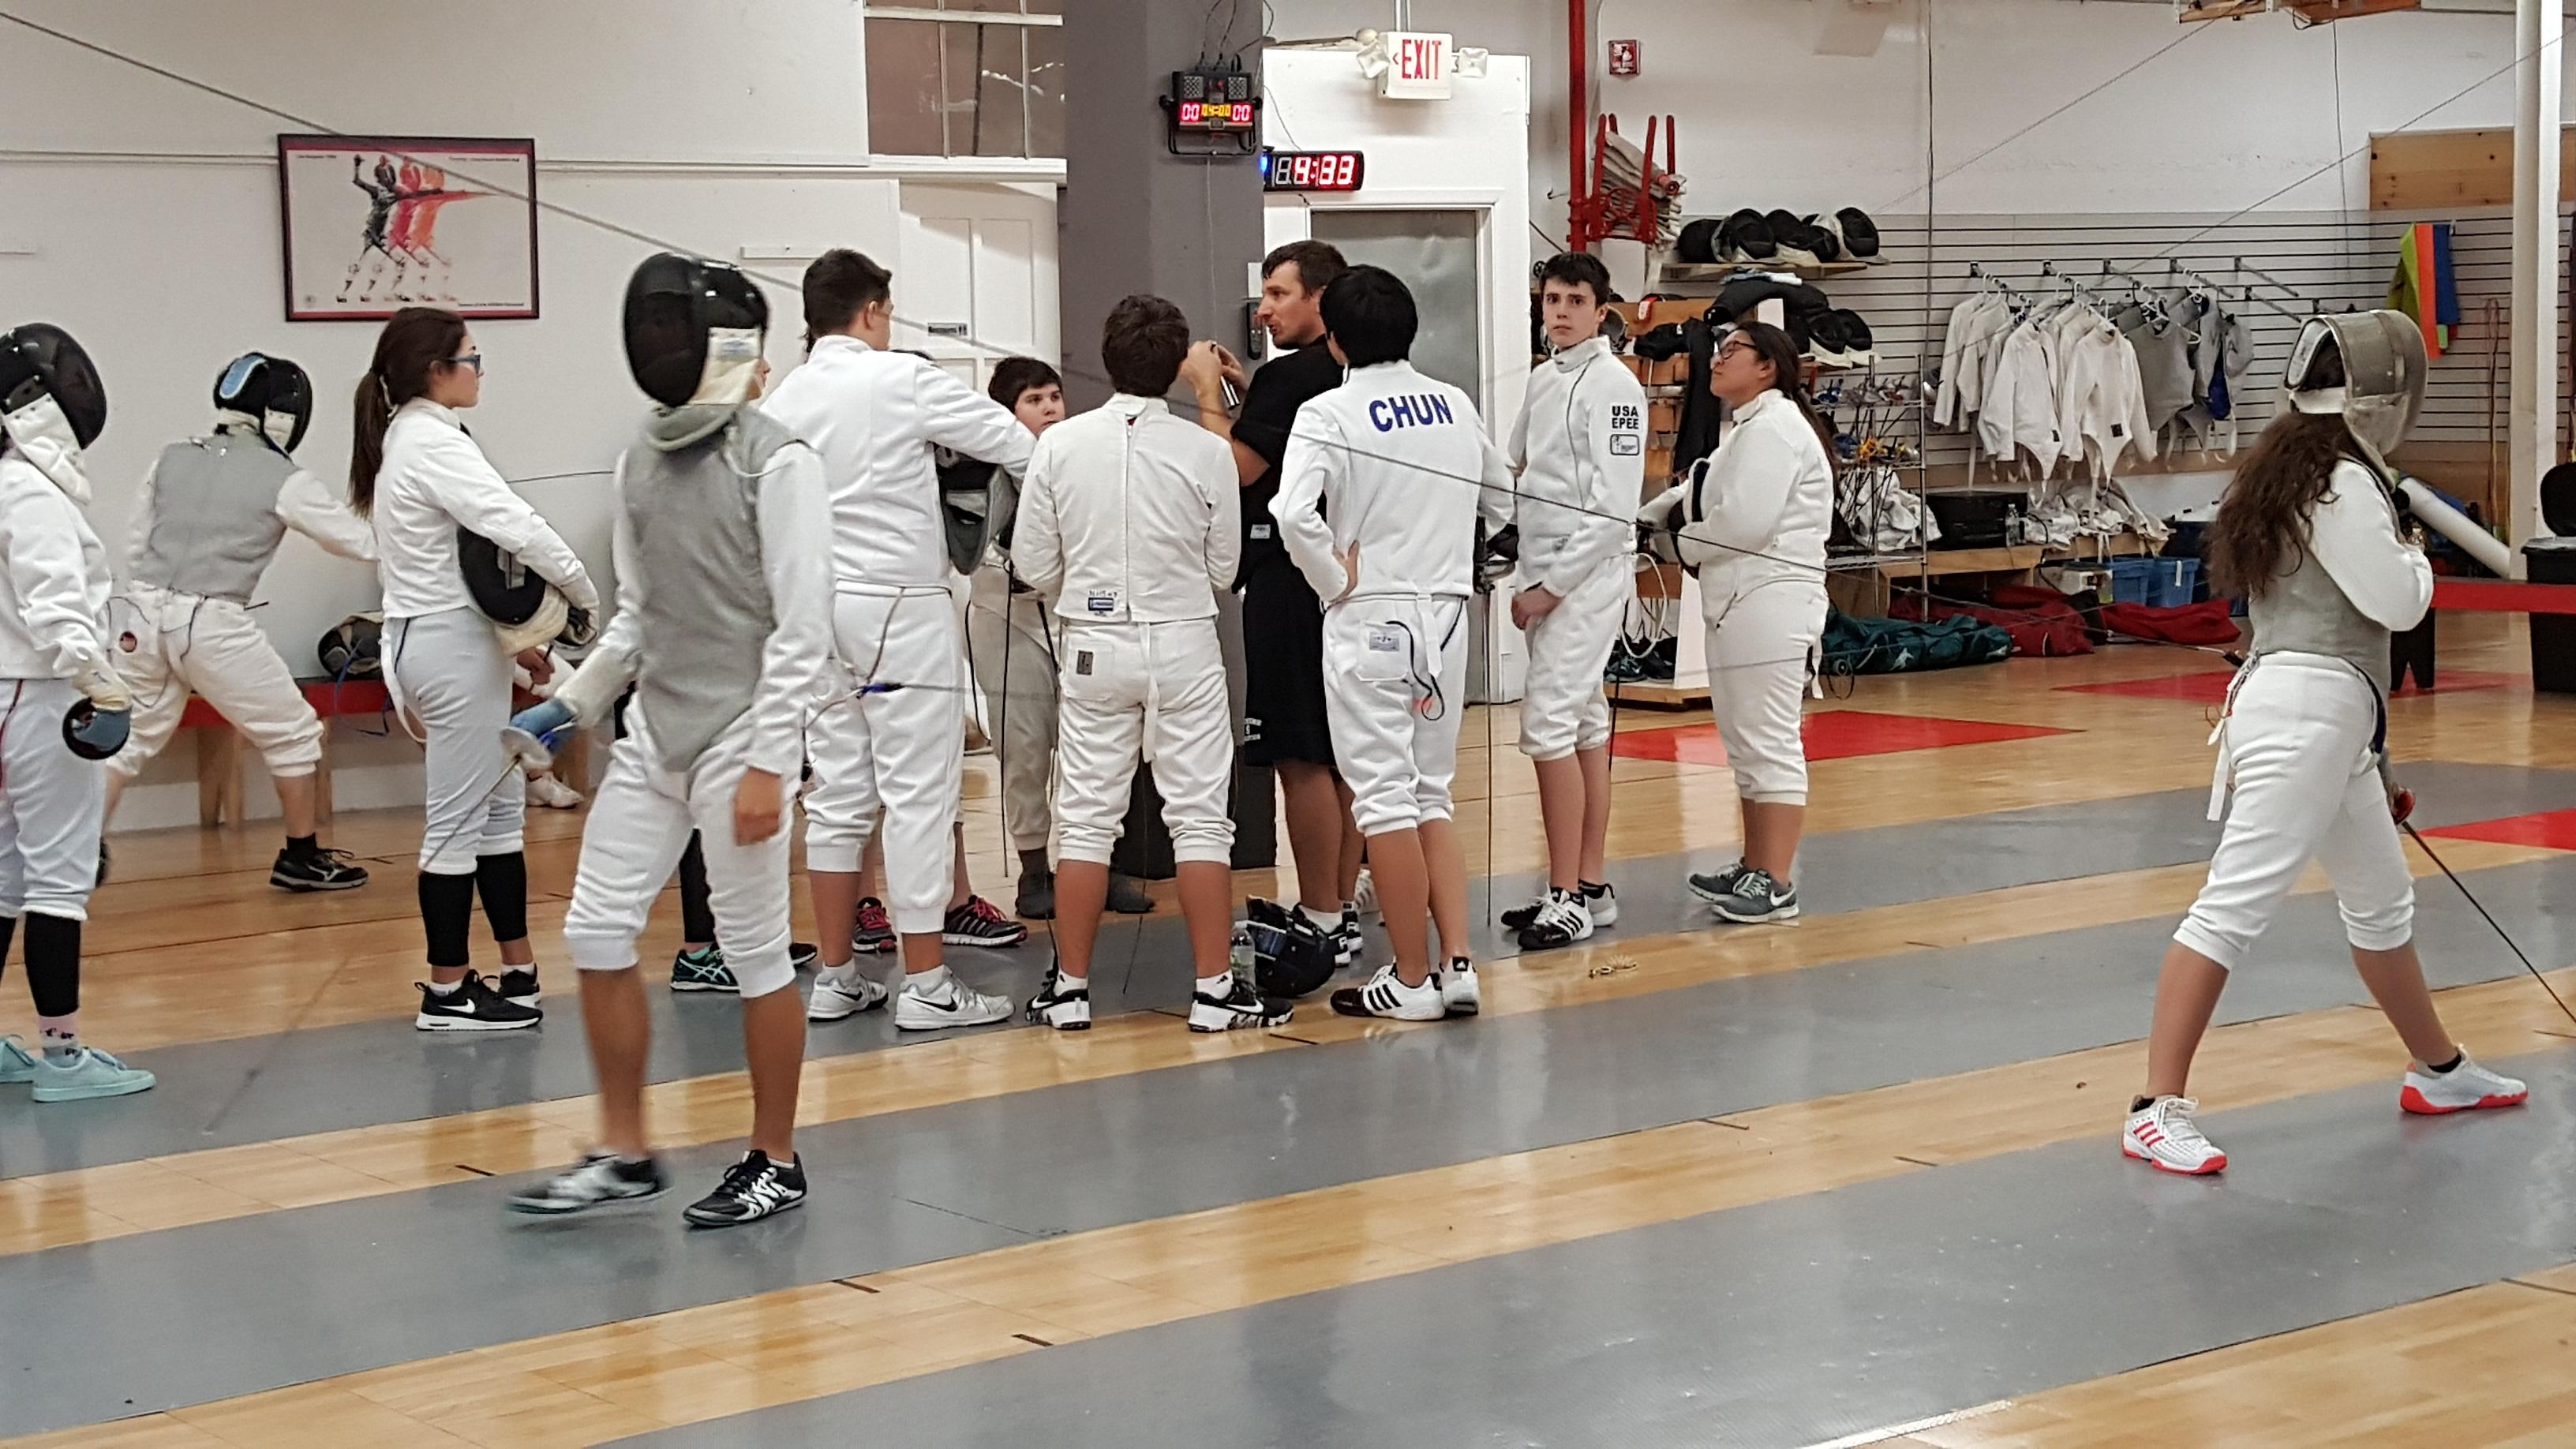 TZ Fencing Team Practice